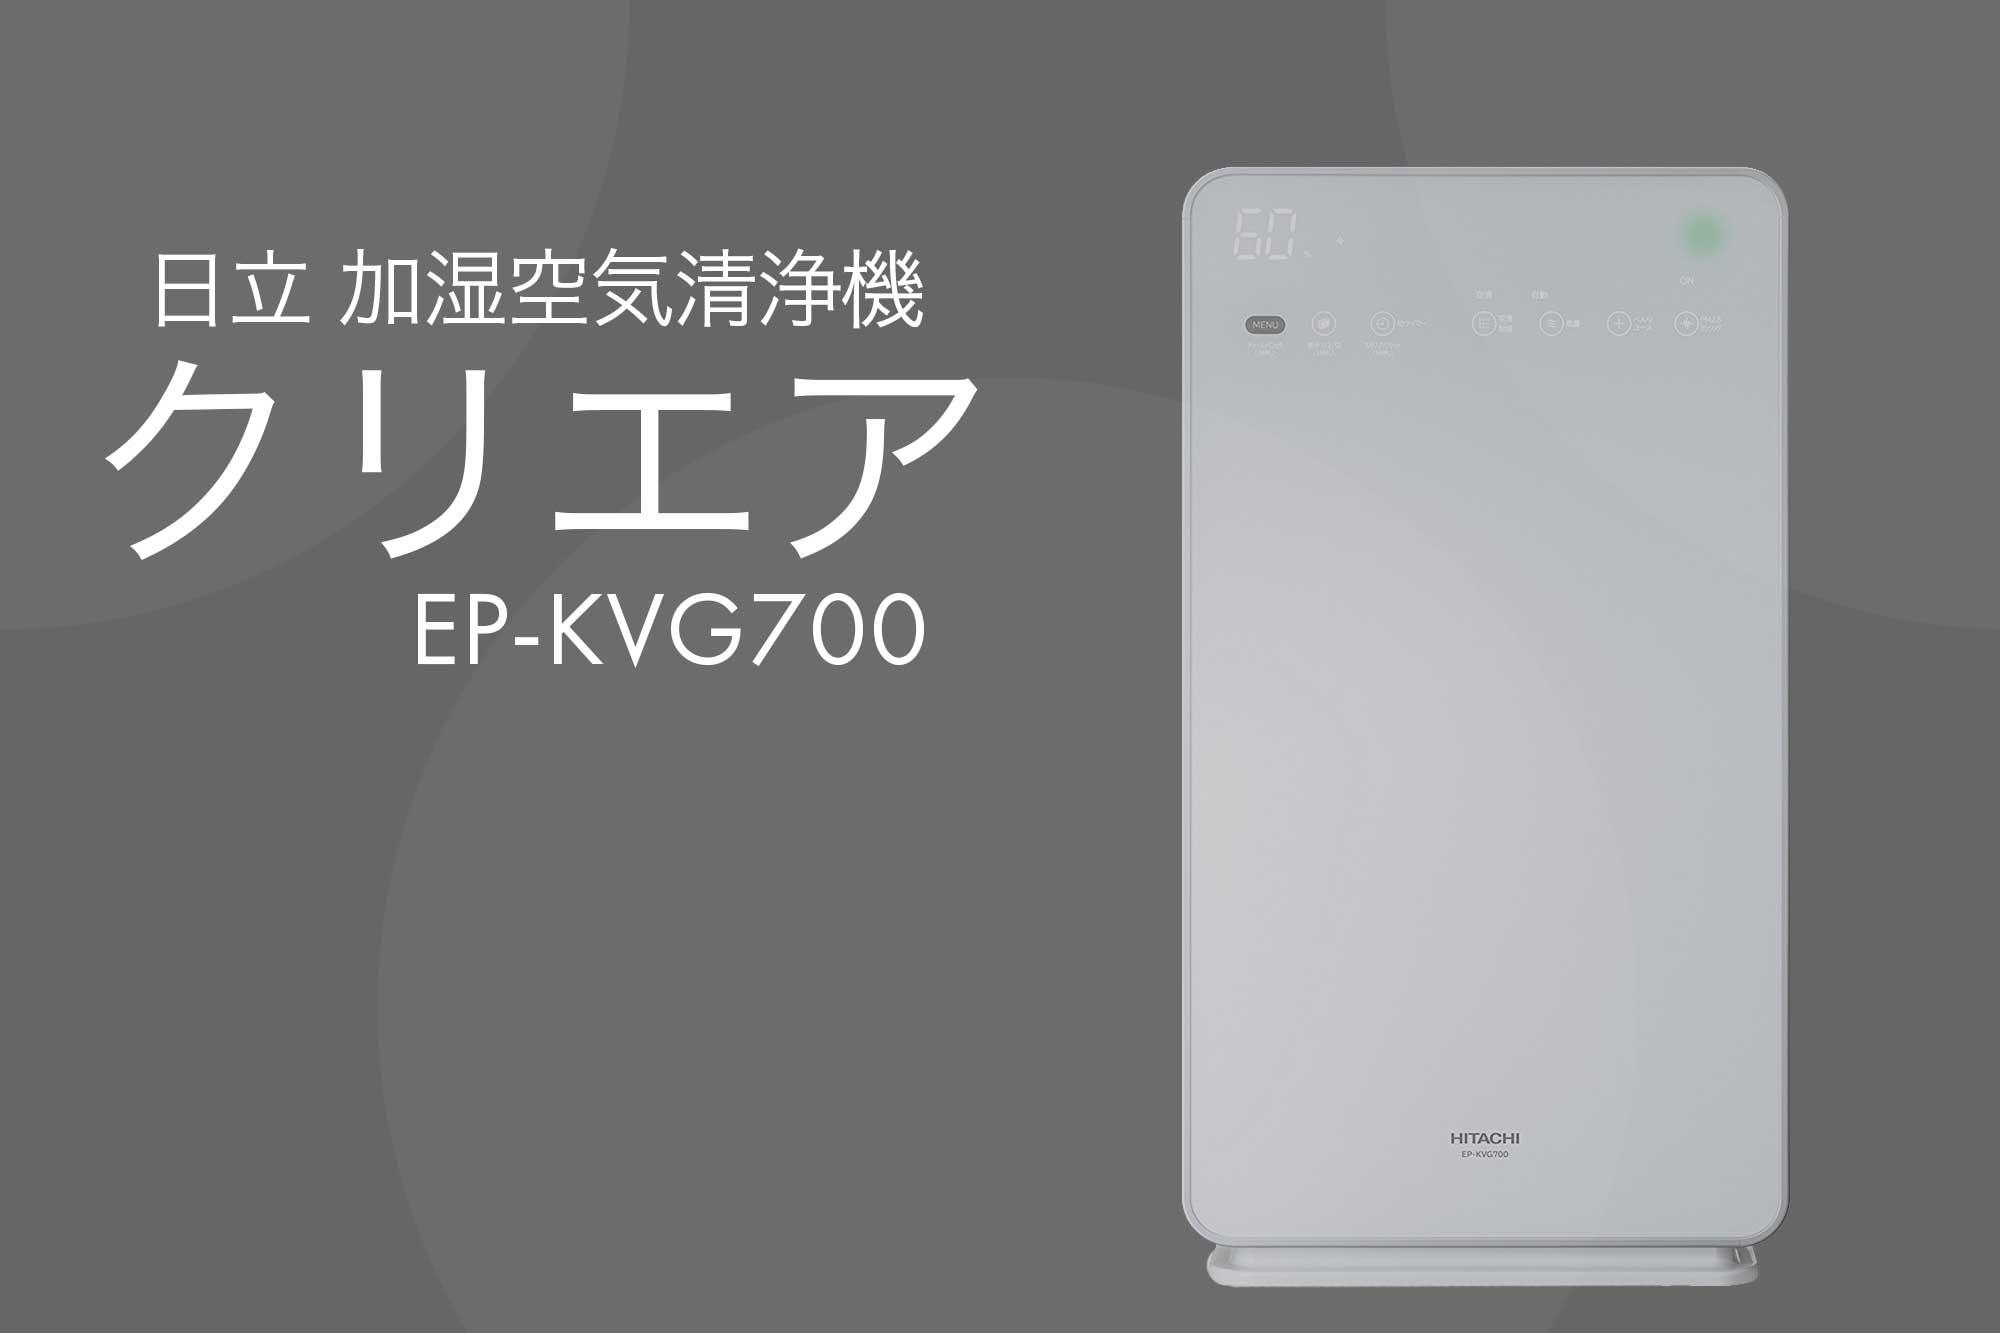 日立 加湿空気清浄機 クリエア(EP-KVG700)はガラスパネルがかっこいいグッドデザイン!【レビュー】